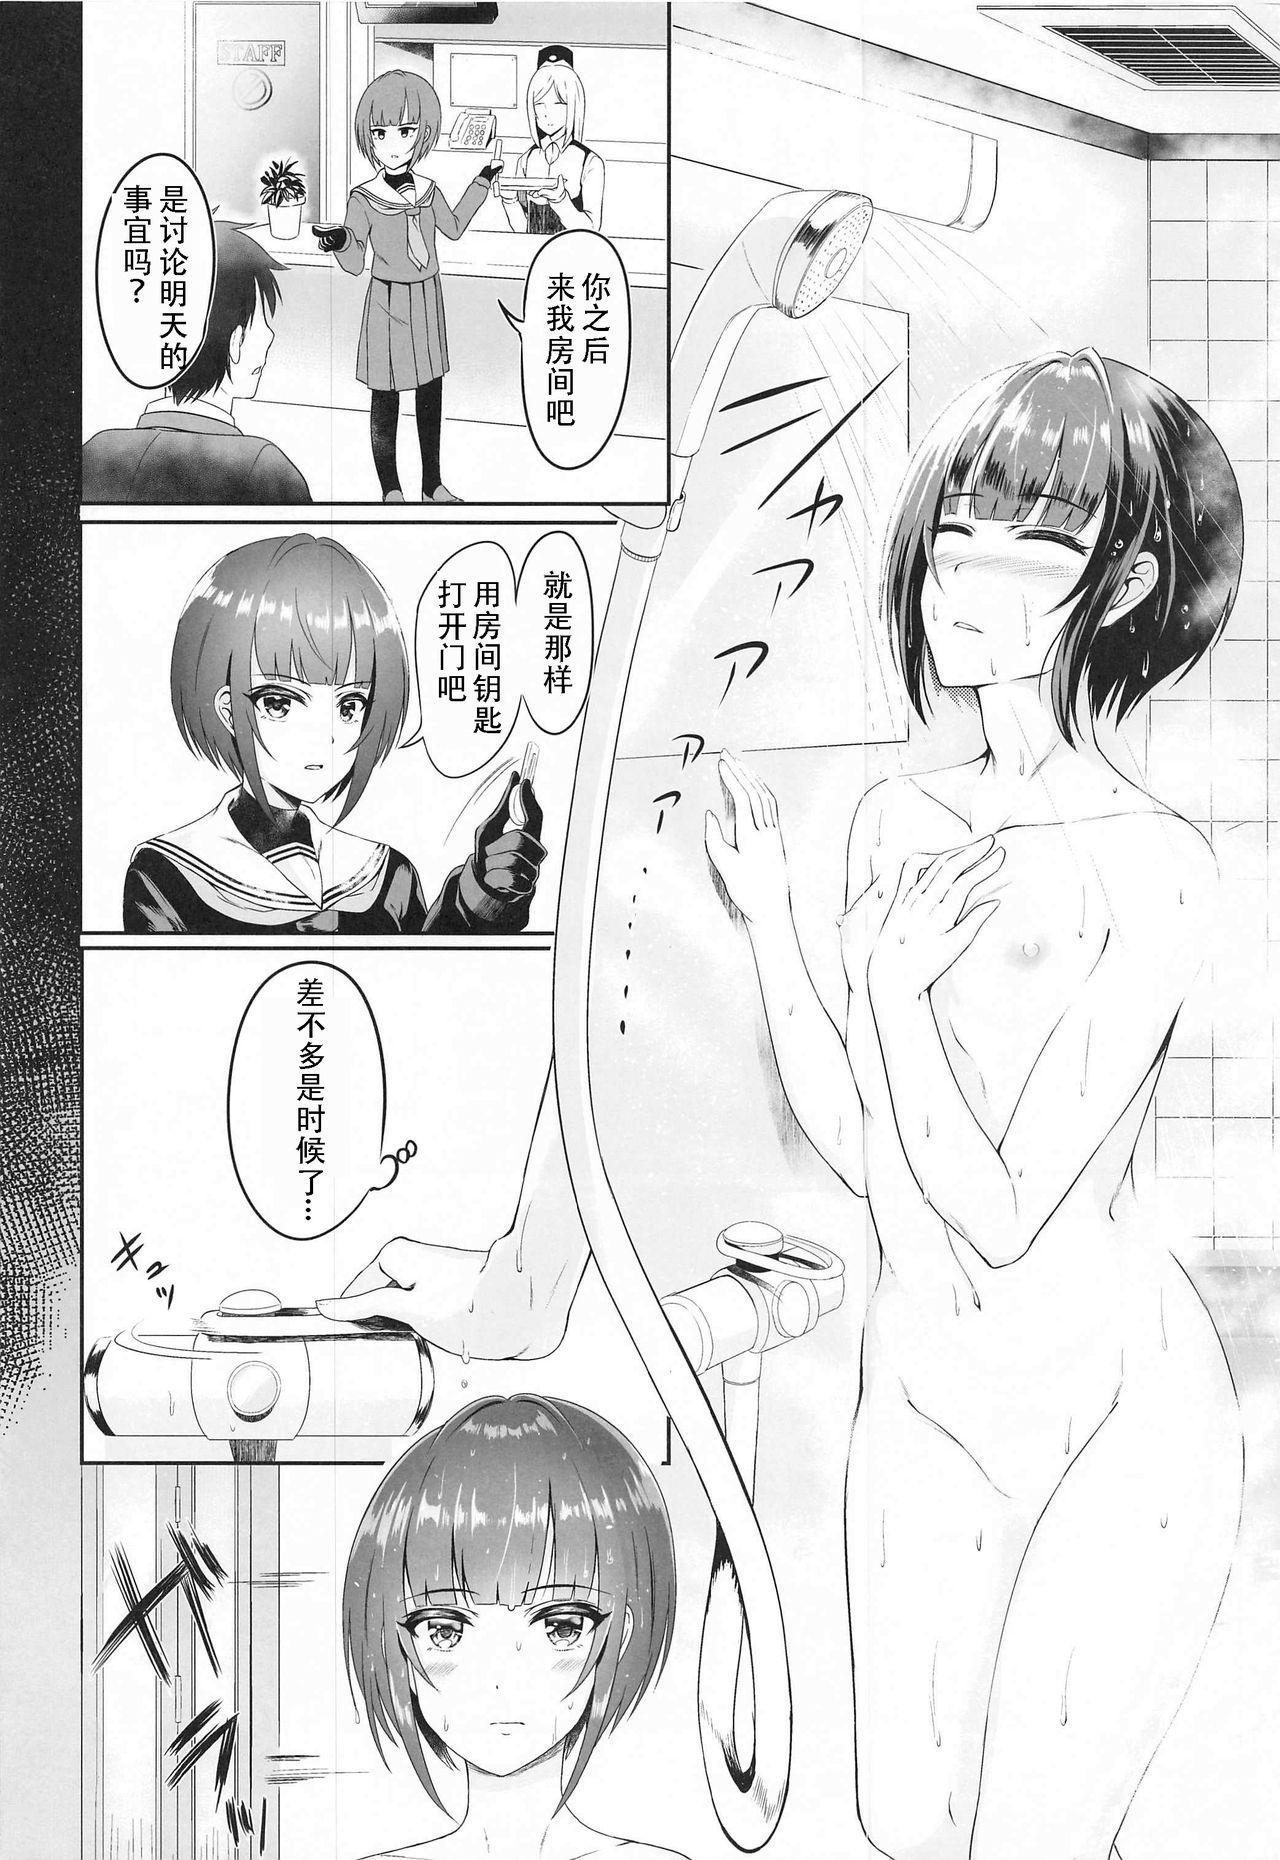 Koi no Maho to Shirayukihime 7